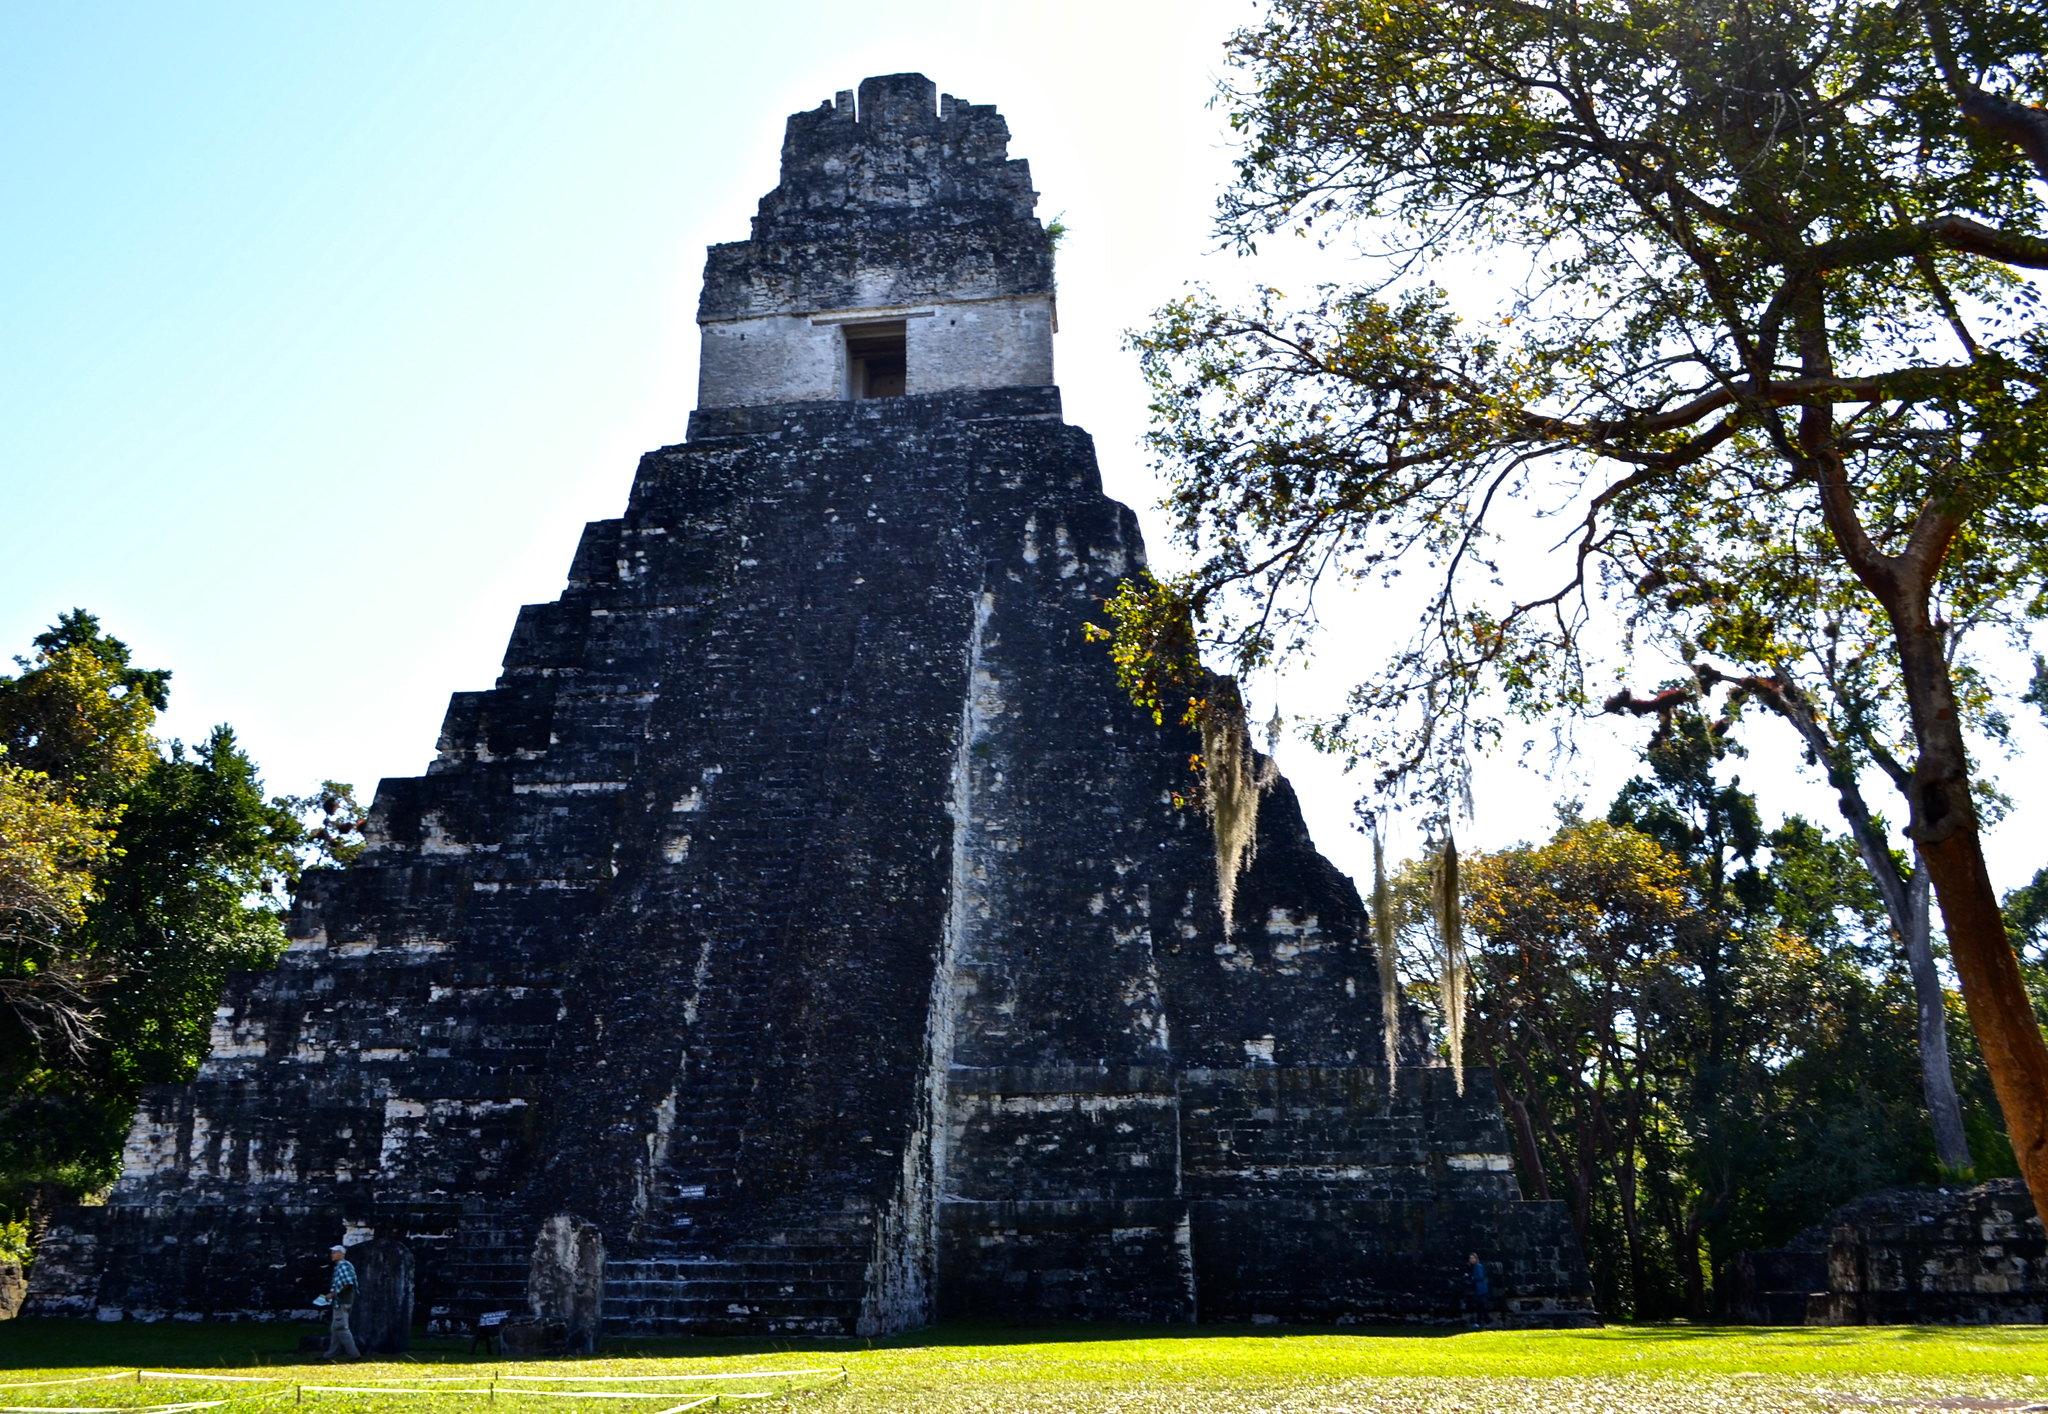 Mayan Ruins Tikal, Guatemala